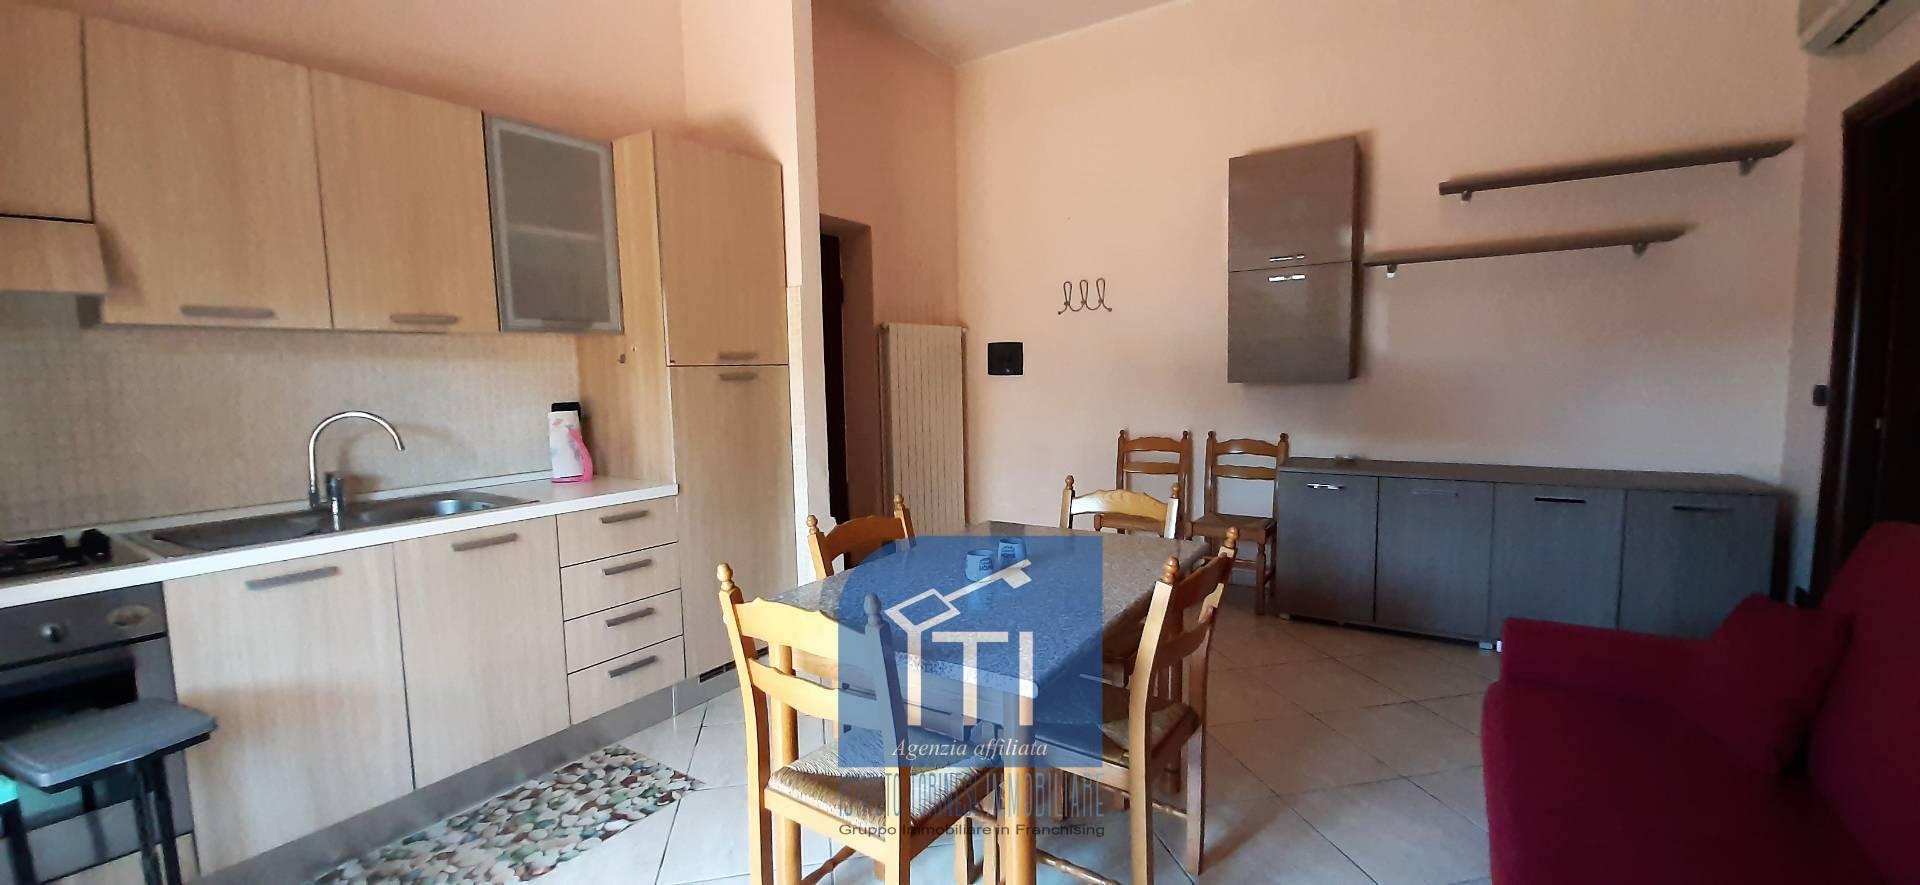 Appartamento in affitto a Cassino, 3 locali, prezzo € 400 | CambioCasa.it